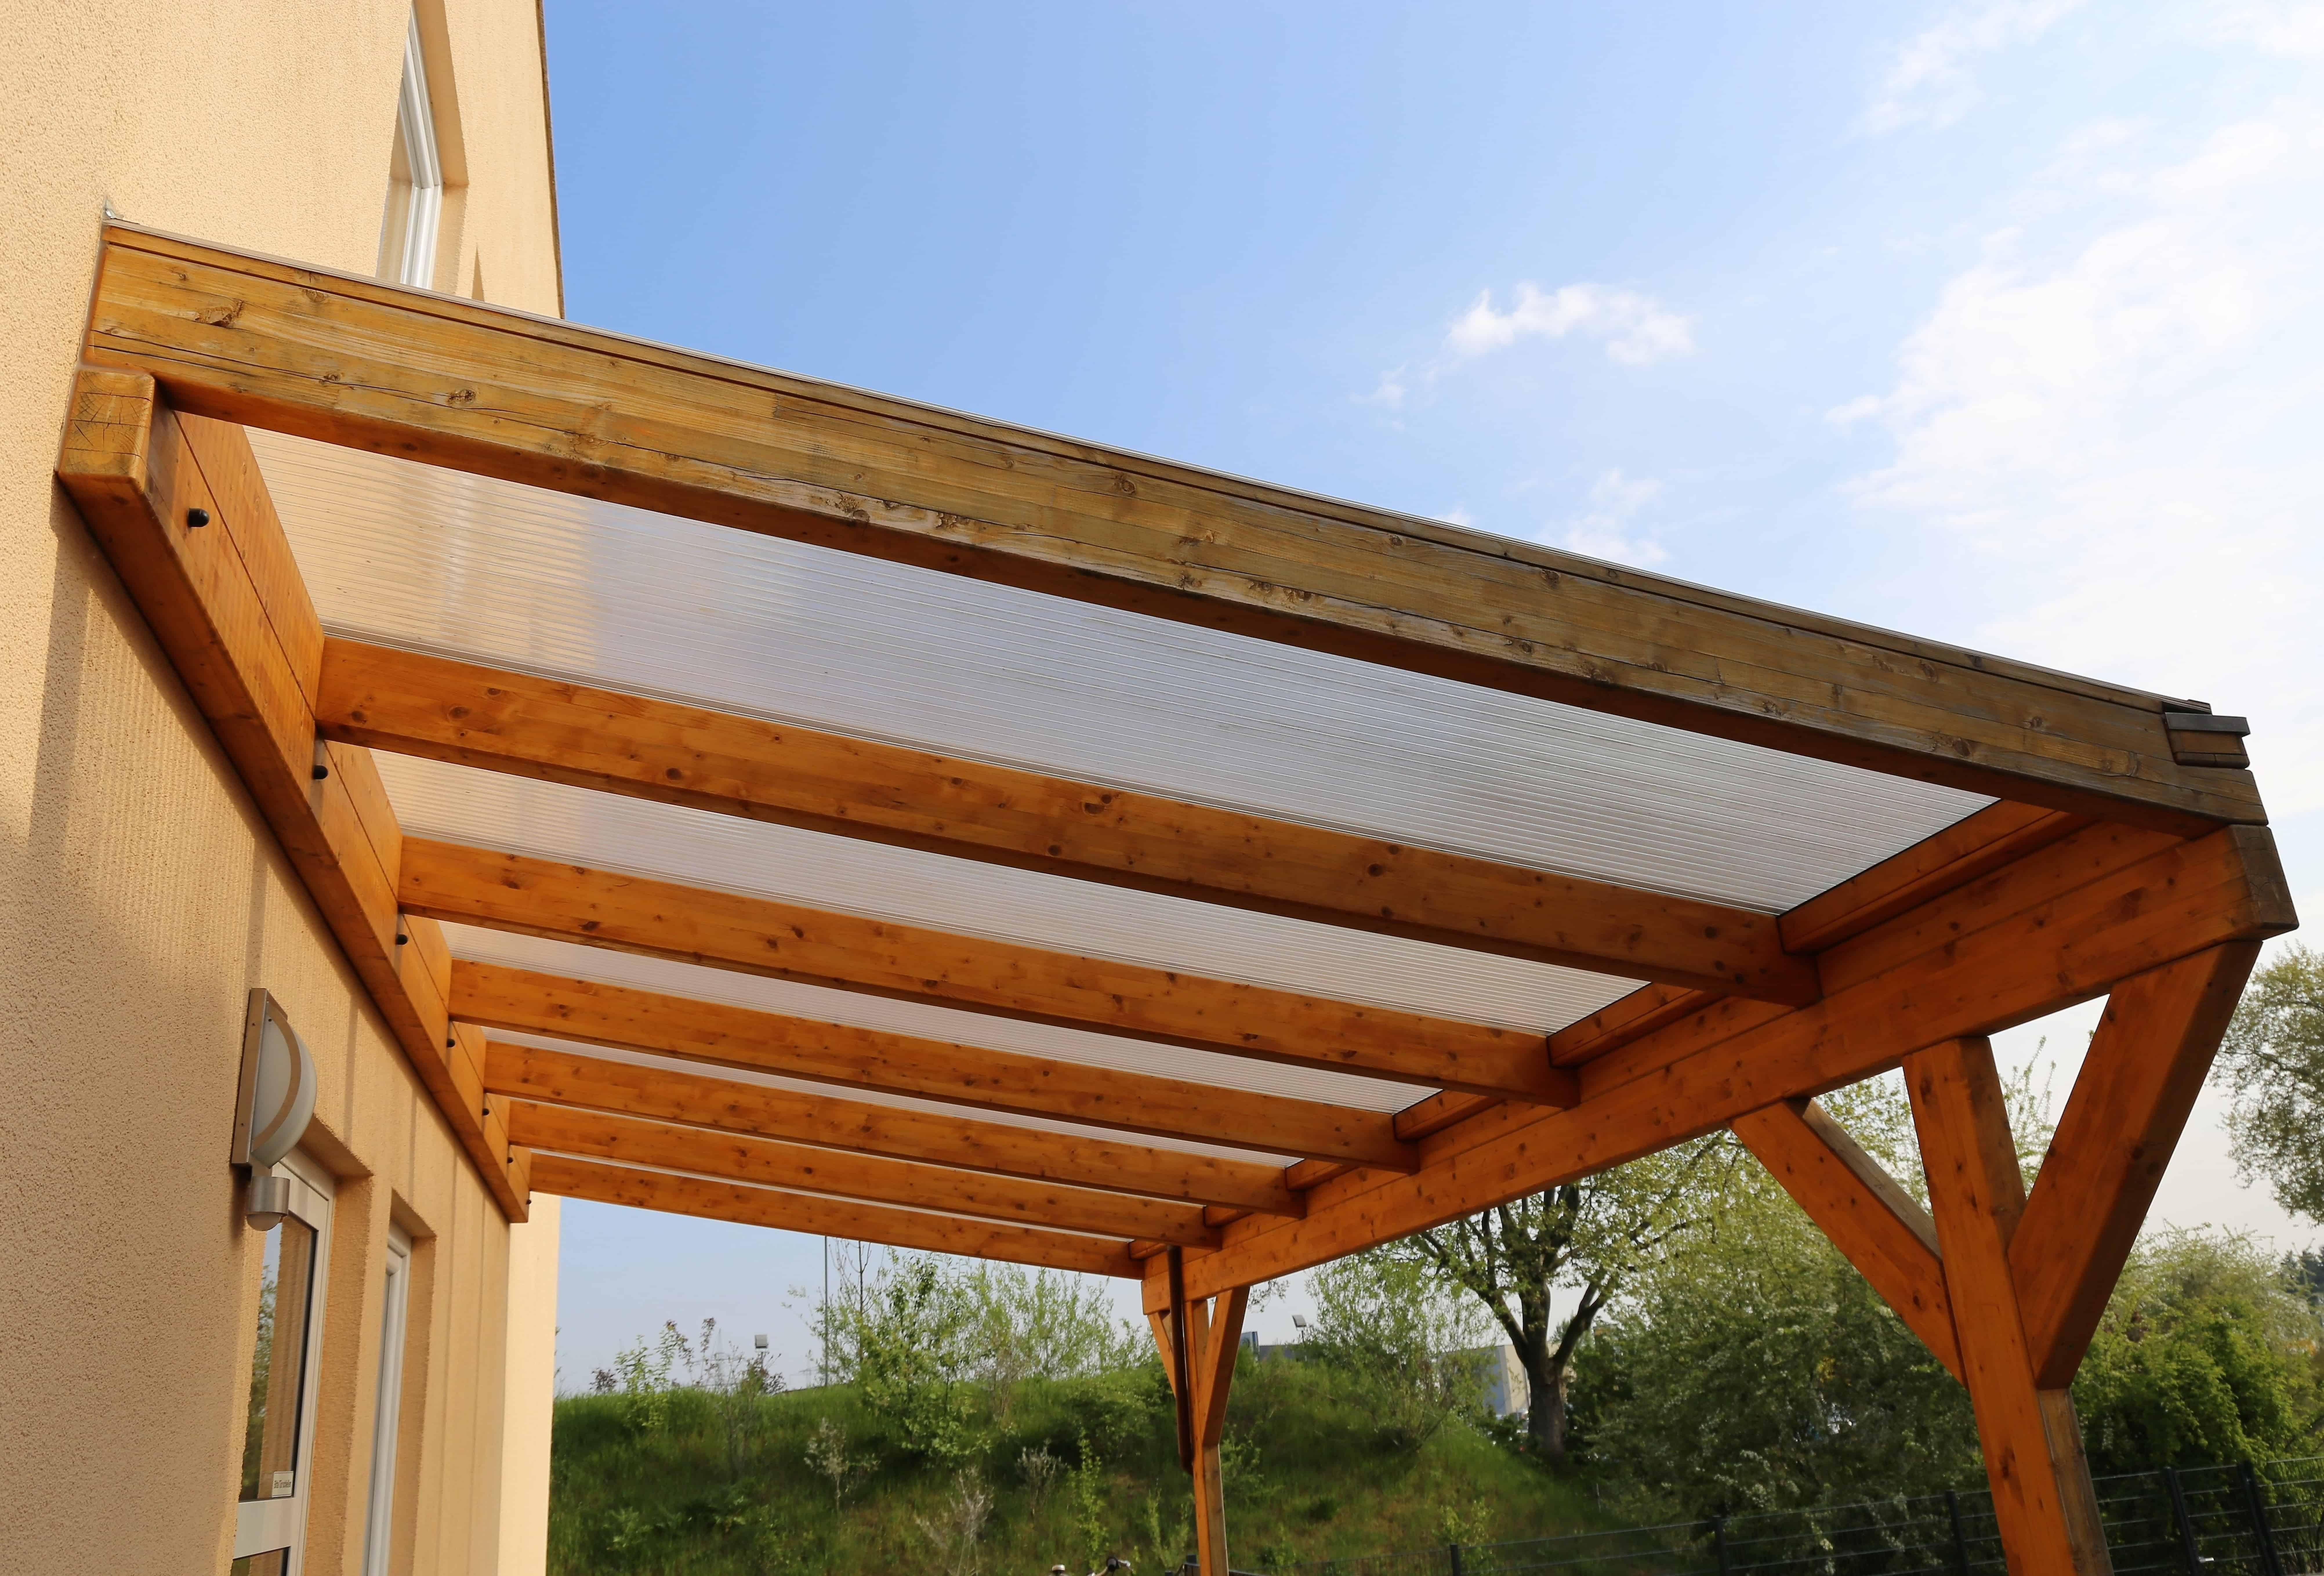 Mái hiên che nắng bằng lưới giúp giảm ánh nắng